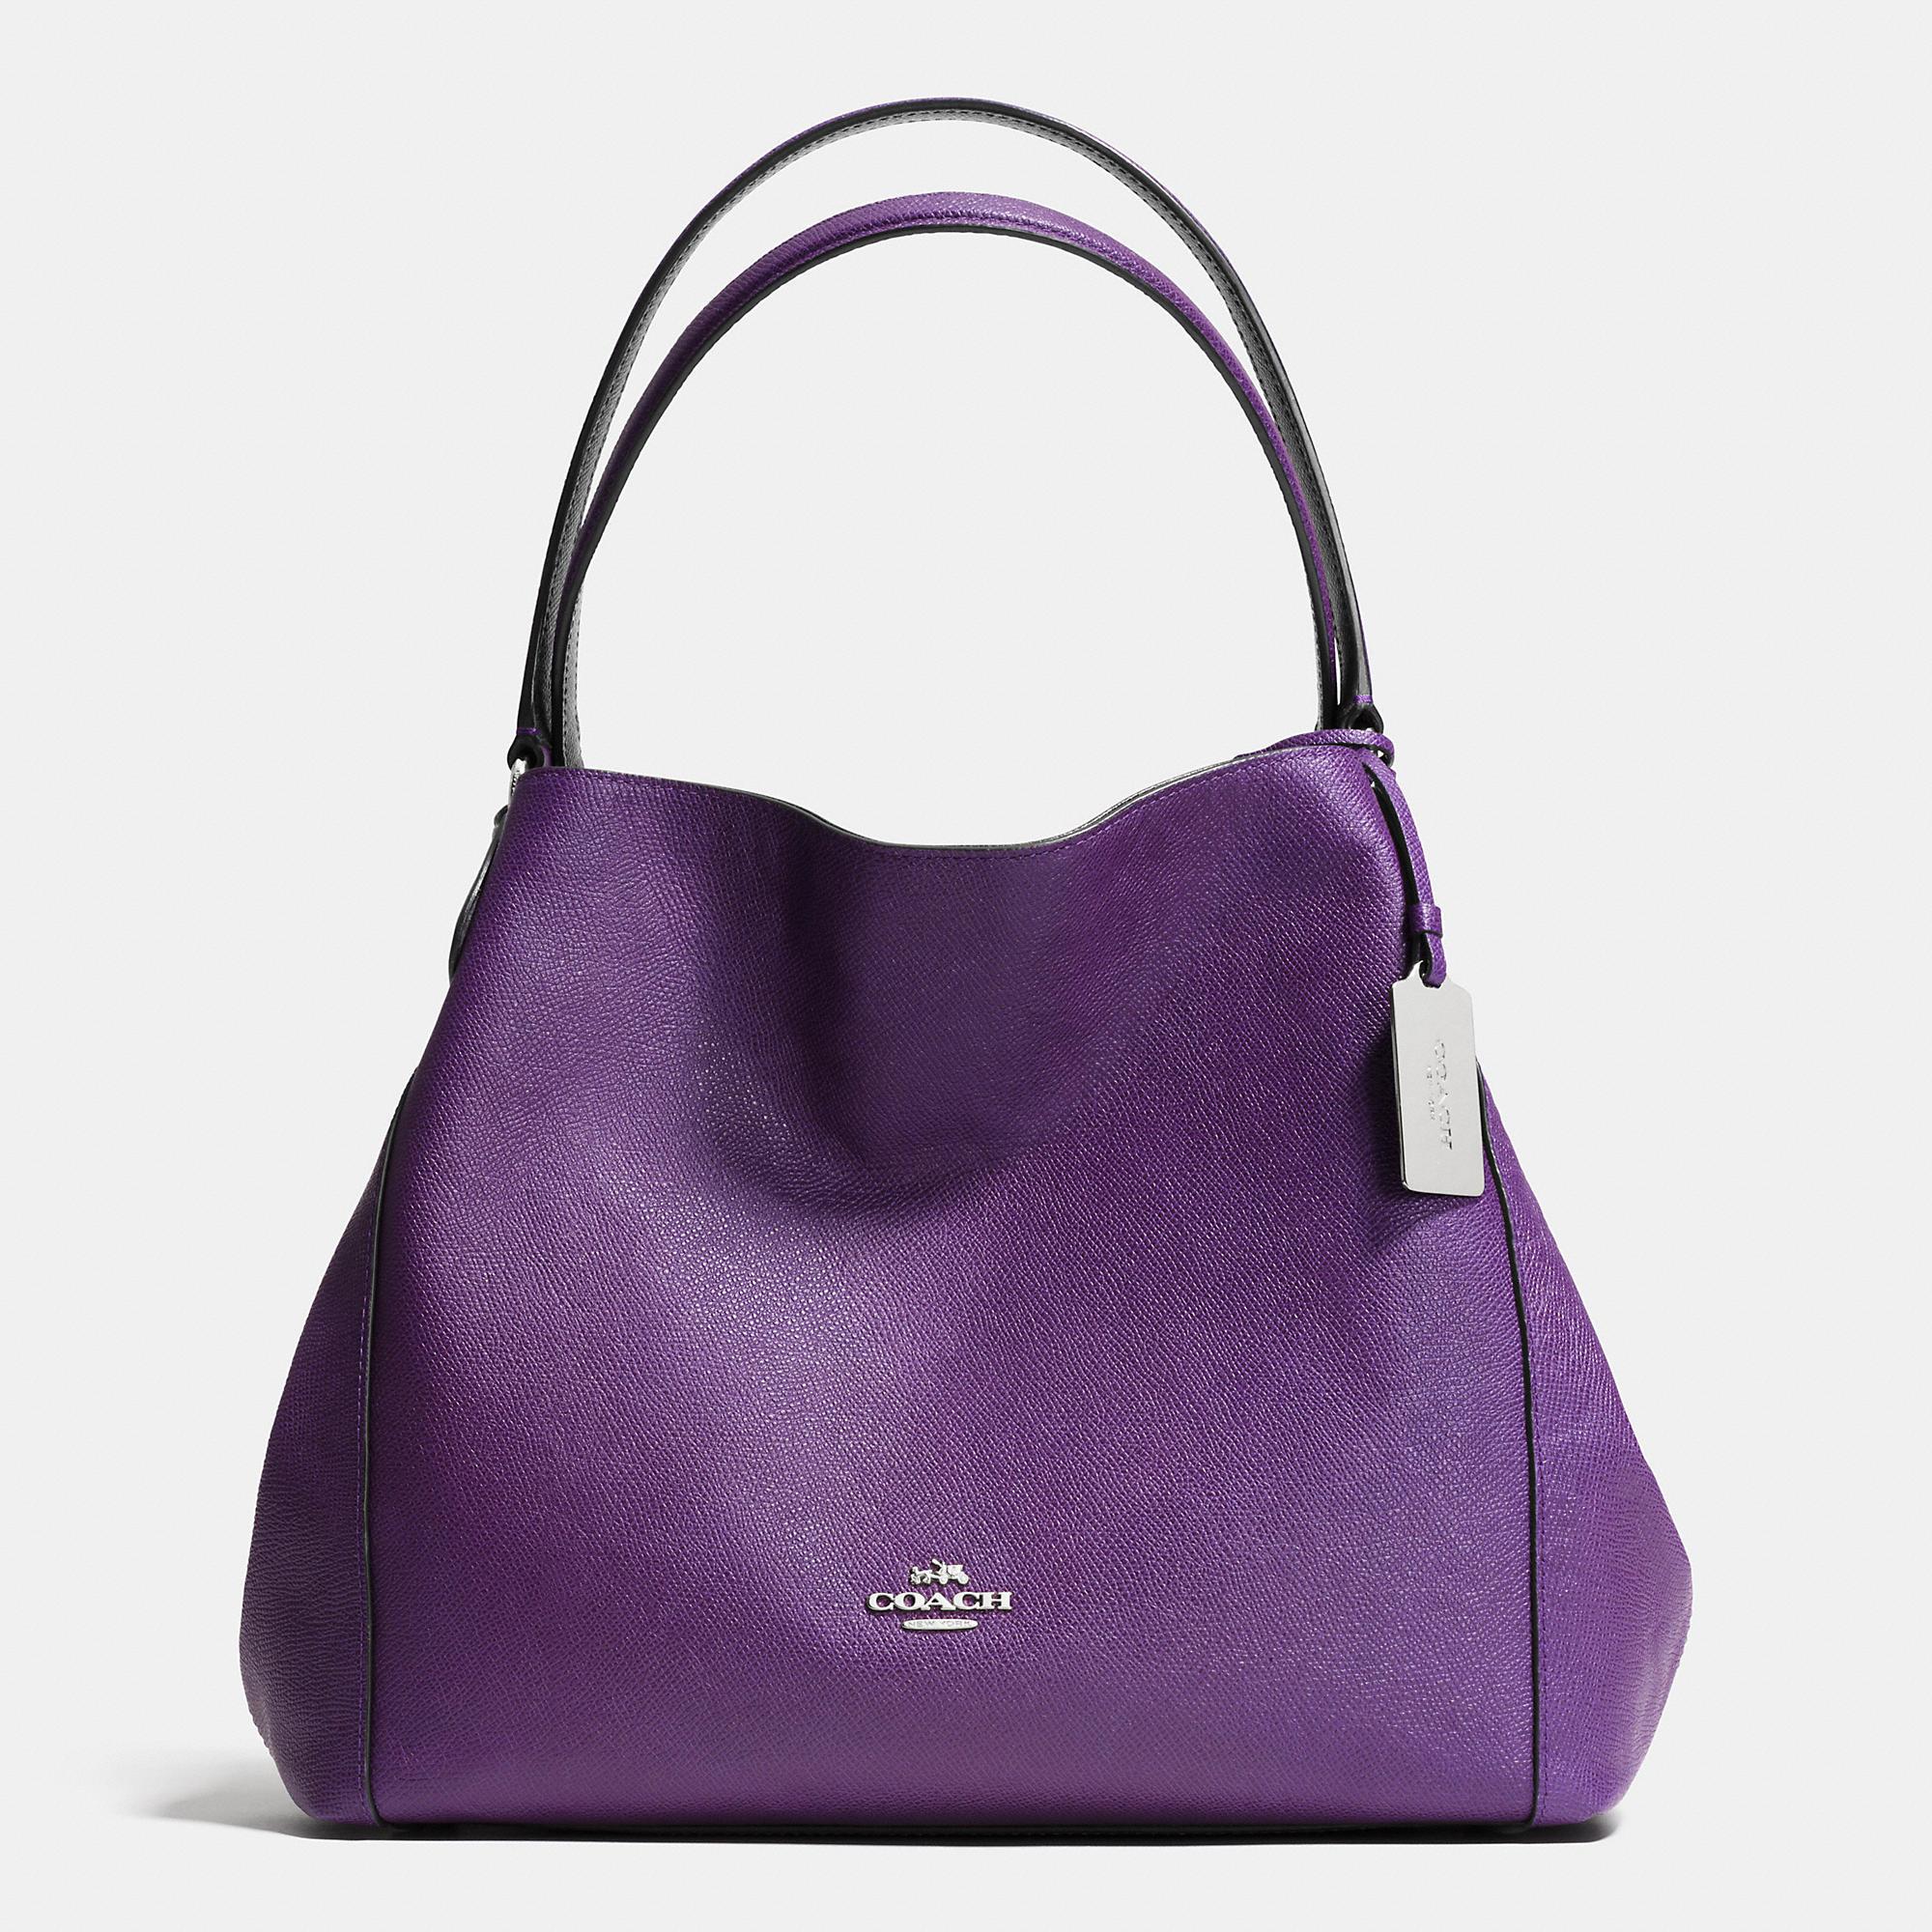 Coach Edie 31 Shoulder Bag In Pebble Leather in Purple | Lyst